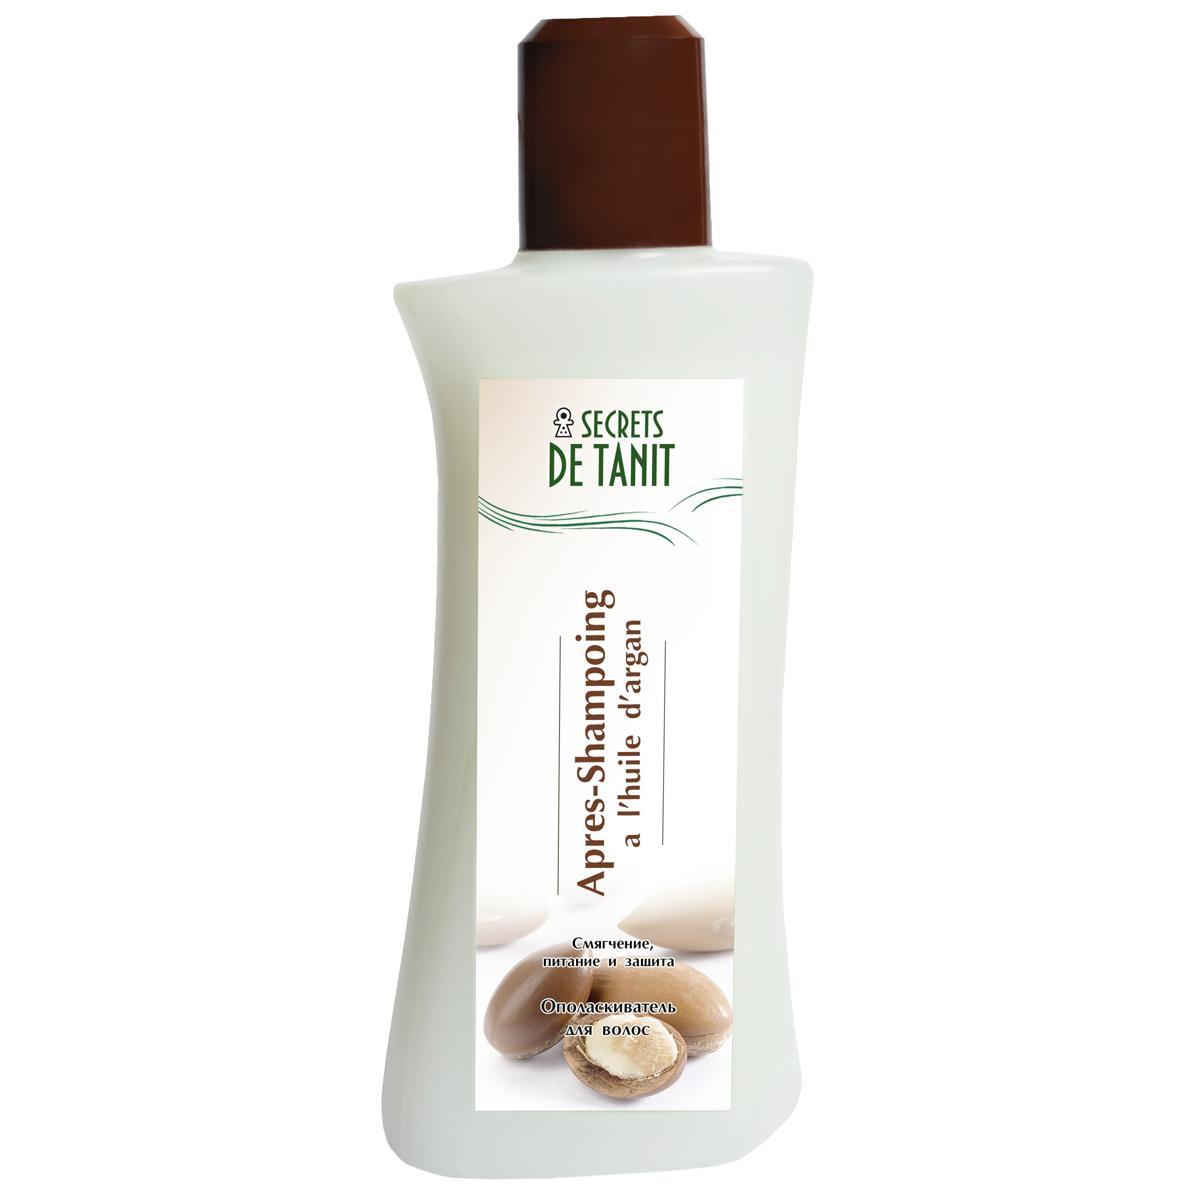 Secrets de Tanit Ополаскиватель для волос с маслом арганы, 200 млFS-00897Ополаскиватель для волос облегчает расчесывание волос после мытья Шампунем с глиной Тфаль( Гассуль) , питаетволосы, покрывает их защитной пленкой. Ополаскиватель содержит масло арганы, которое отлично восстанавливаетповрежденные волосы по всей длине, придает им блеск и сияние.Способ применения: нанести на чистые волосы ополаскиватель на 3 минуты